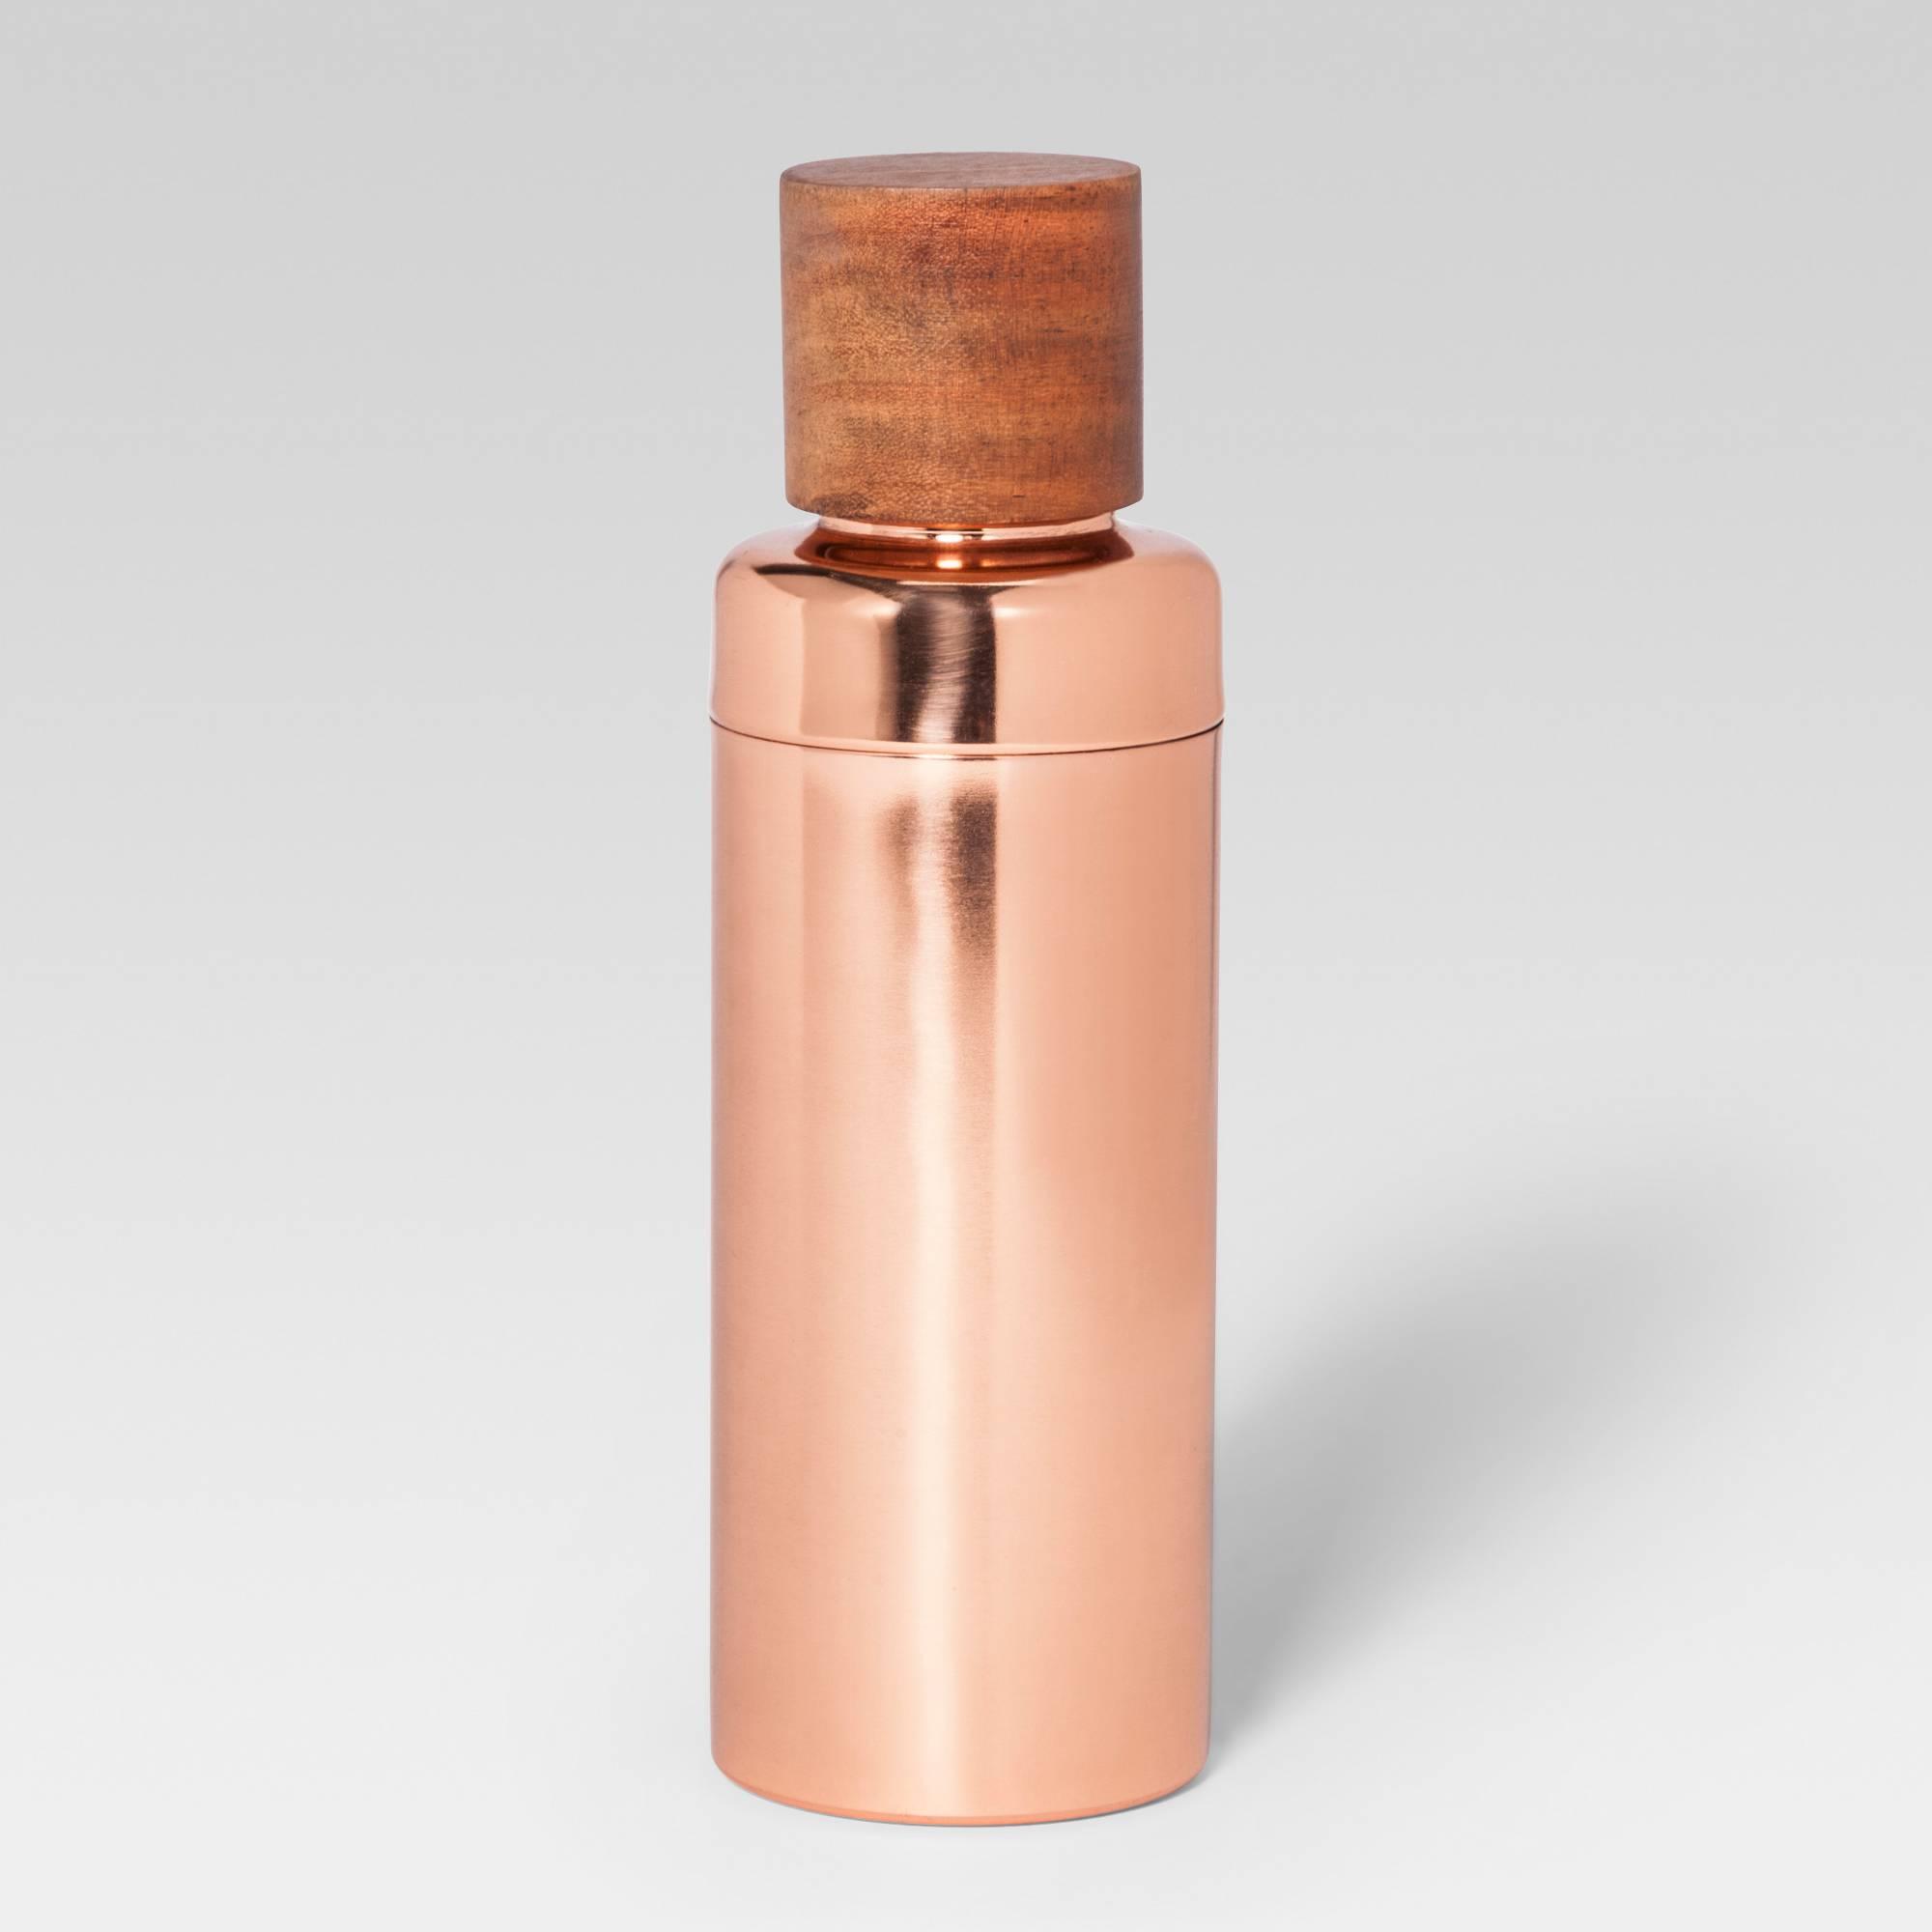 rose-gold-cocktail-shaker.jpeg